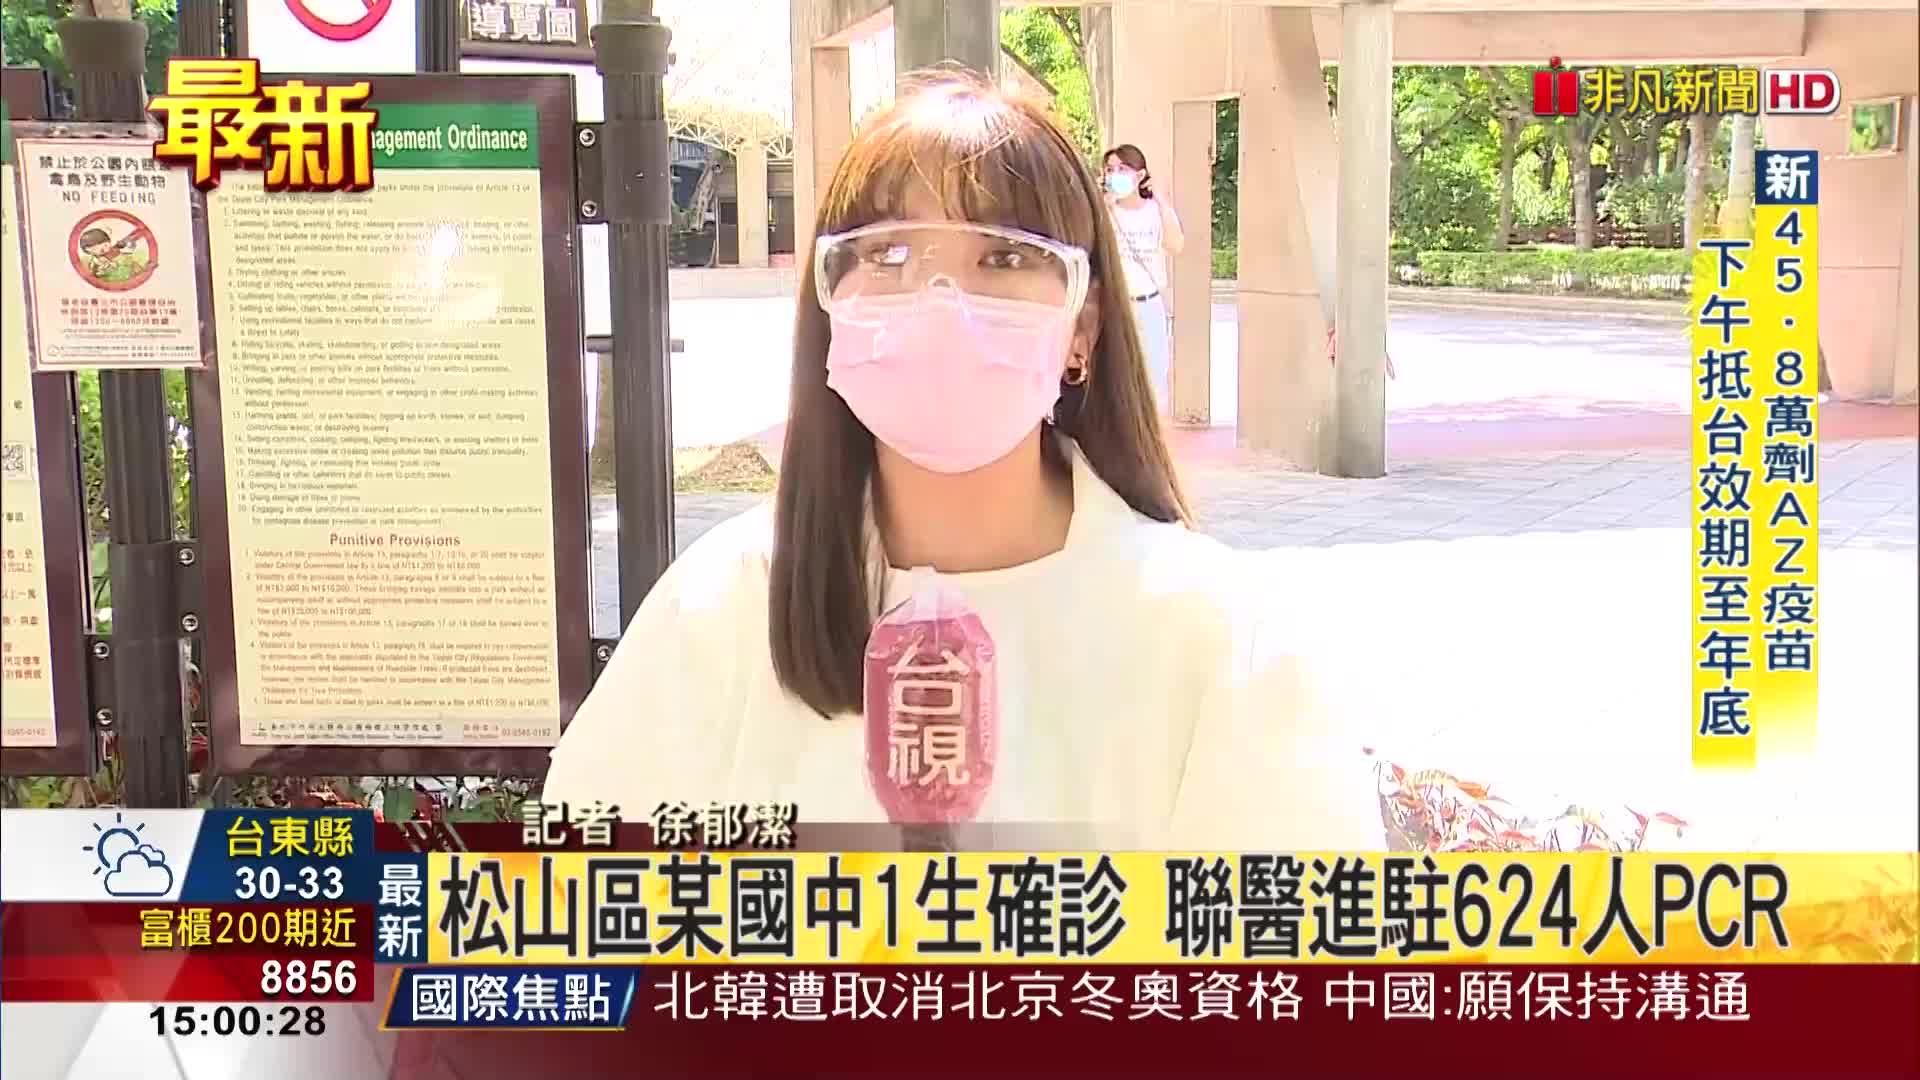 松山區某國中1生確診 聯醫進駐624人PCR